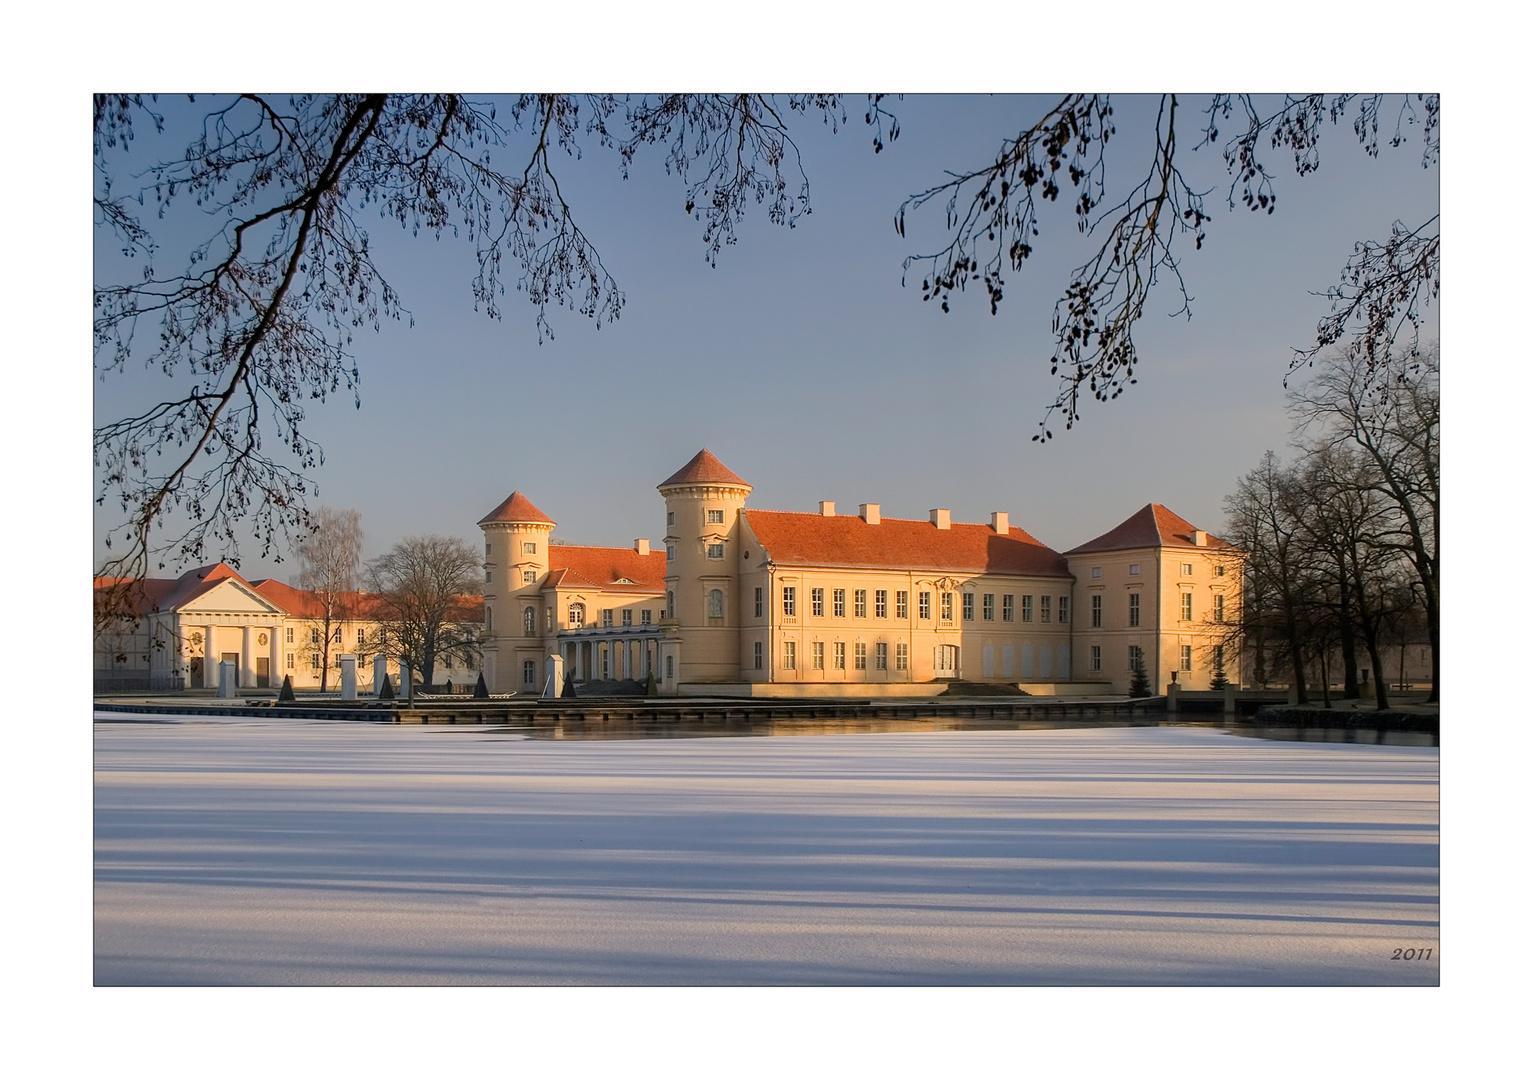 Schloss Rheinsberg im Winter